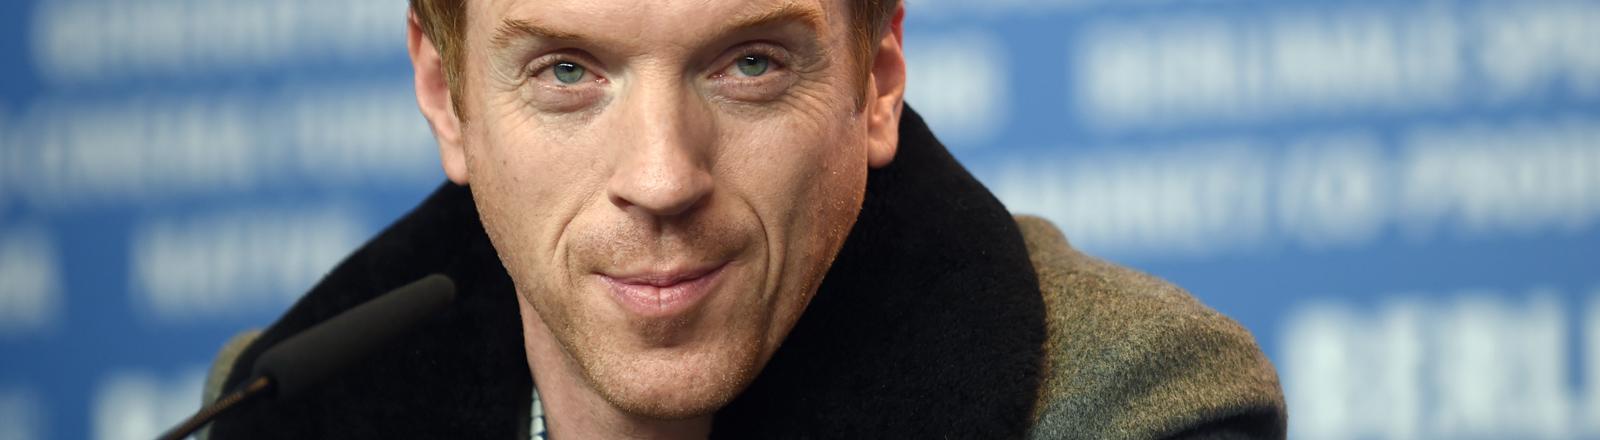 Damian Lewis spielt in der US-amerikanischen Serie Homeland den Sergeant Nicolas Brody.